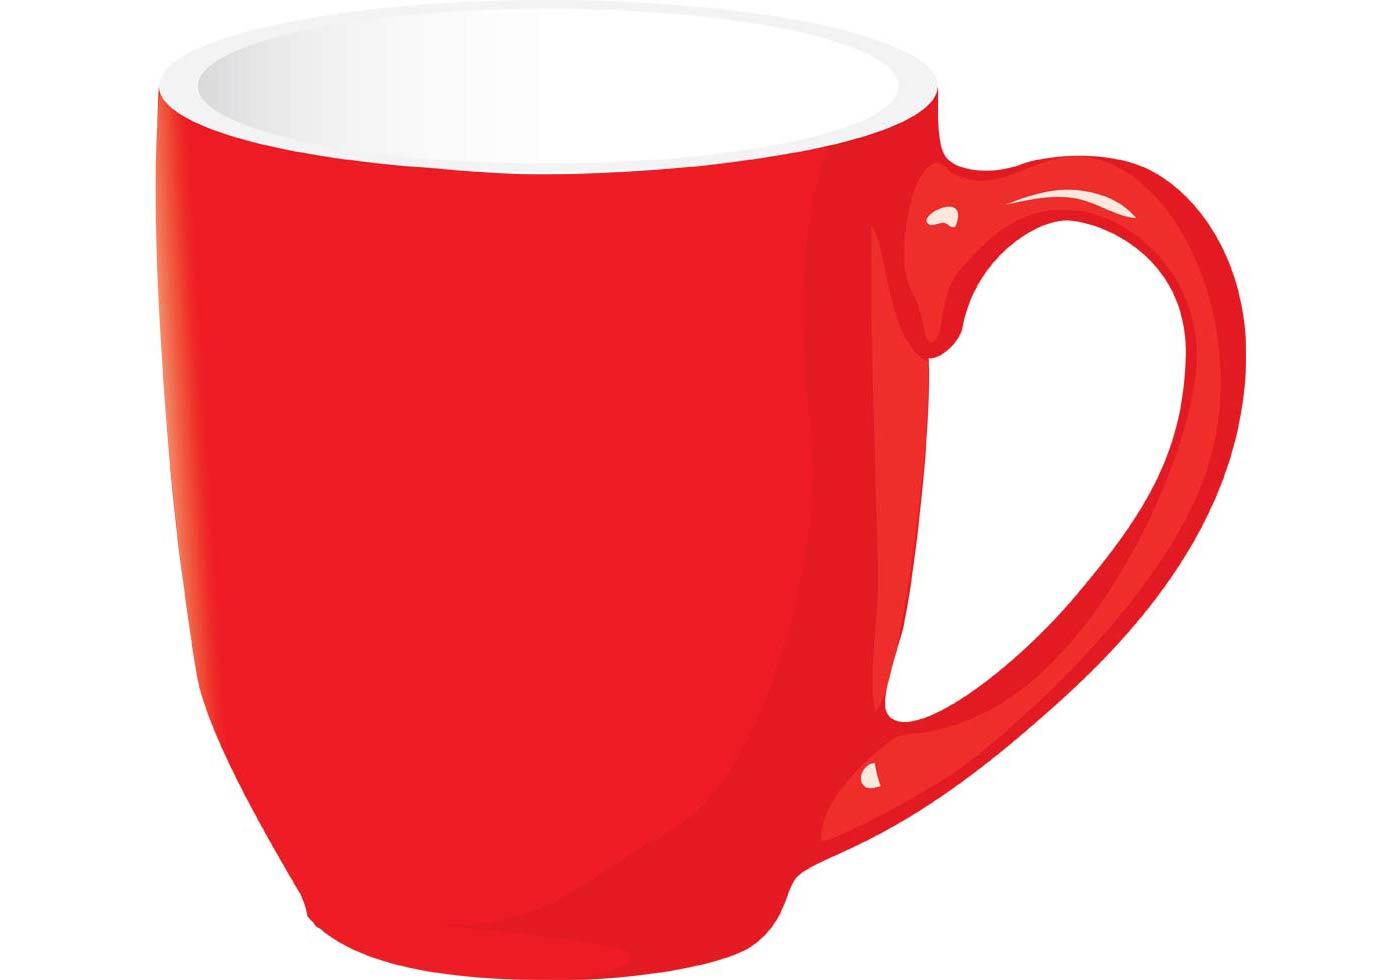 1400x980 Coffee Mug Vector